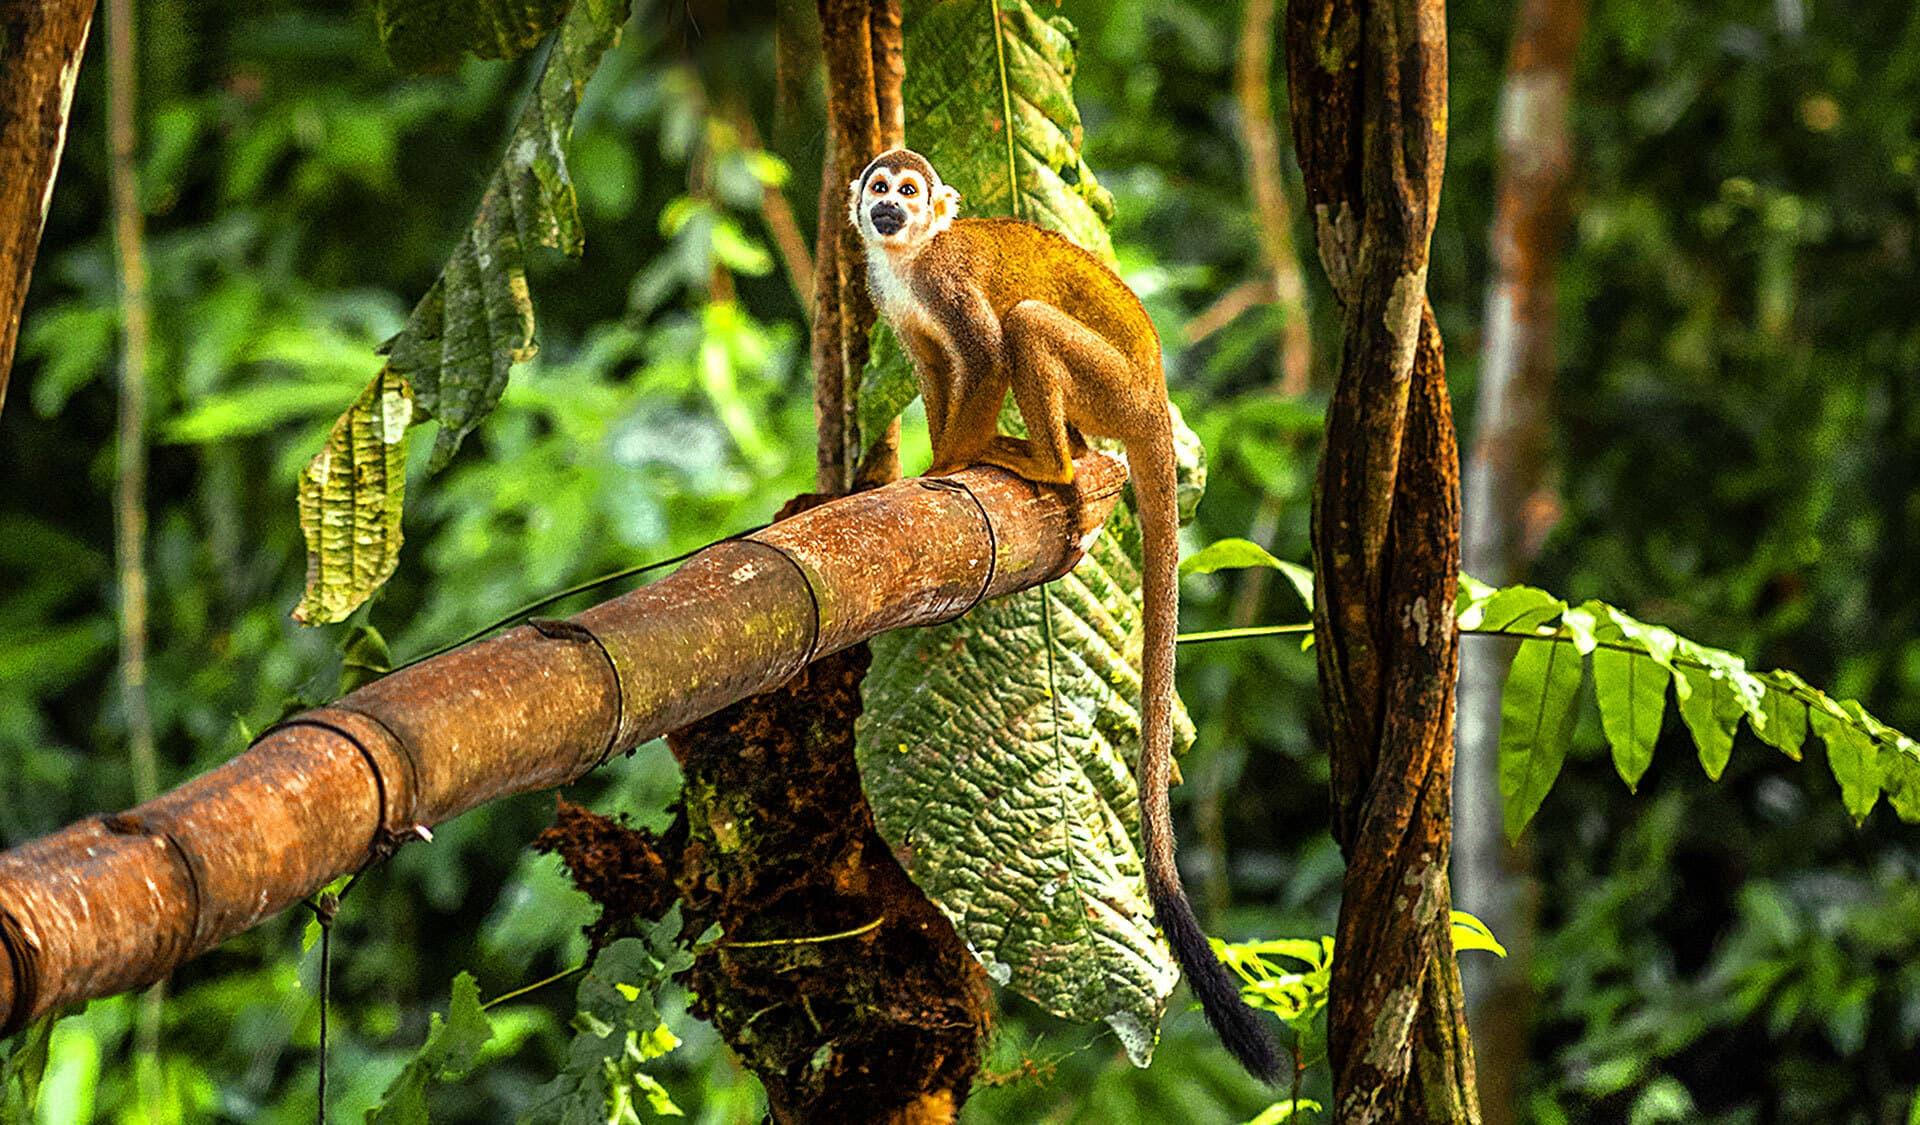 Kleiner Affe sitzt auf einer Palme im Urwald